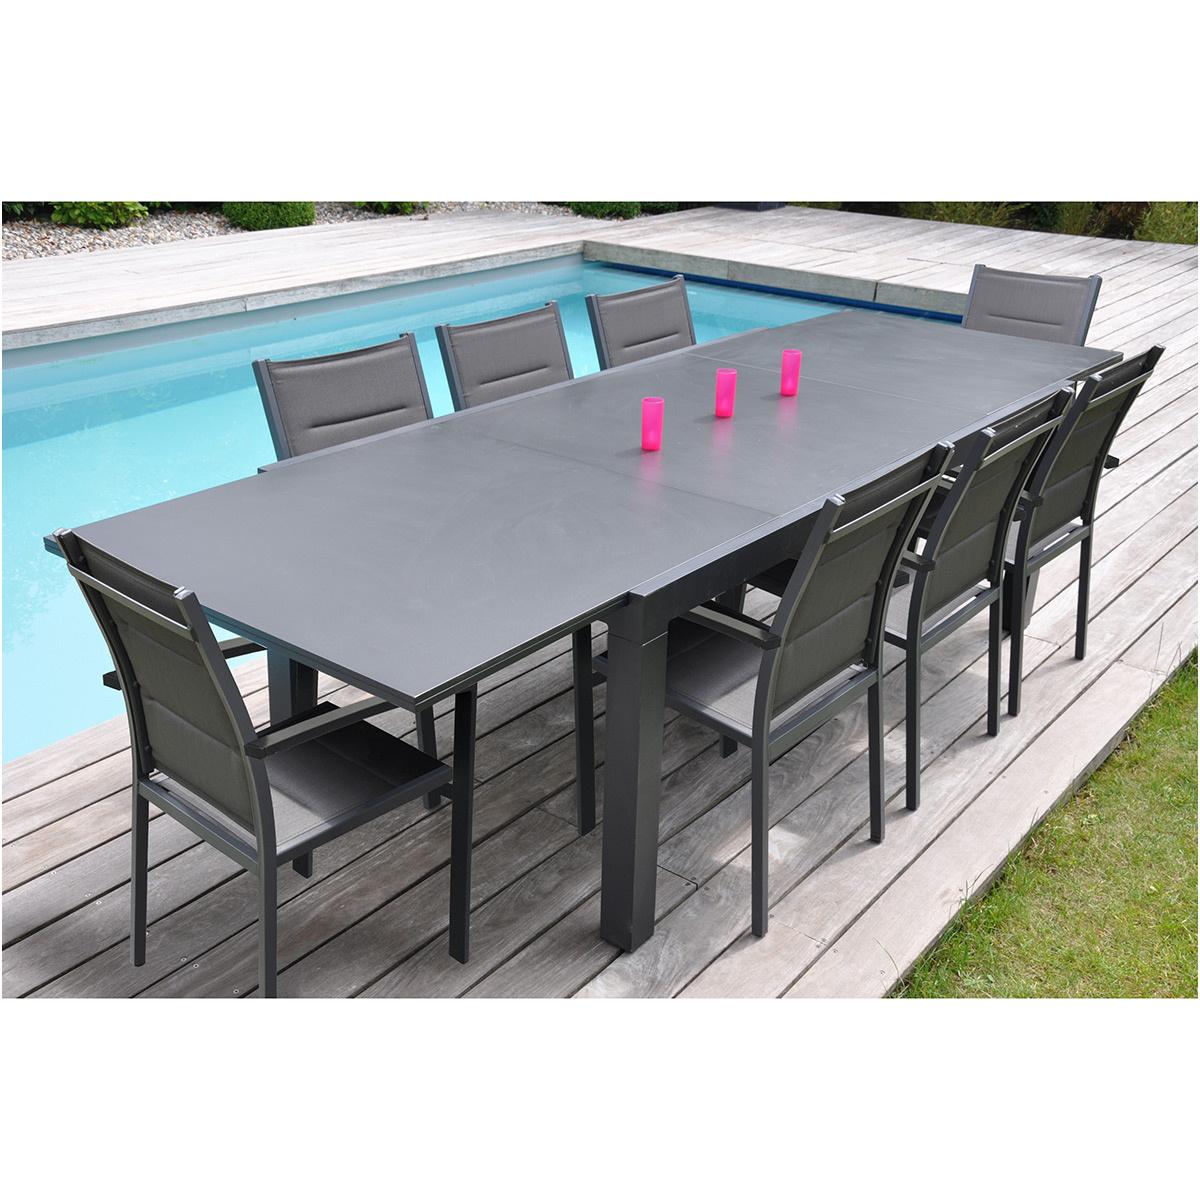 Table Salon Jardin Pas Cher Luxe Table De Jardin Aluminium pour Table De Jardin Pas Chere